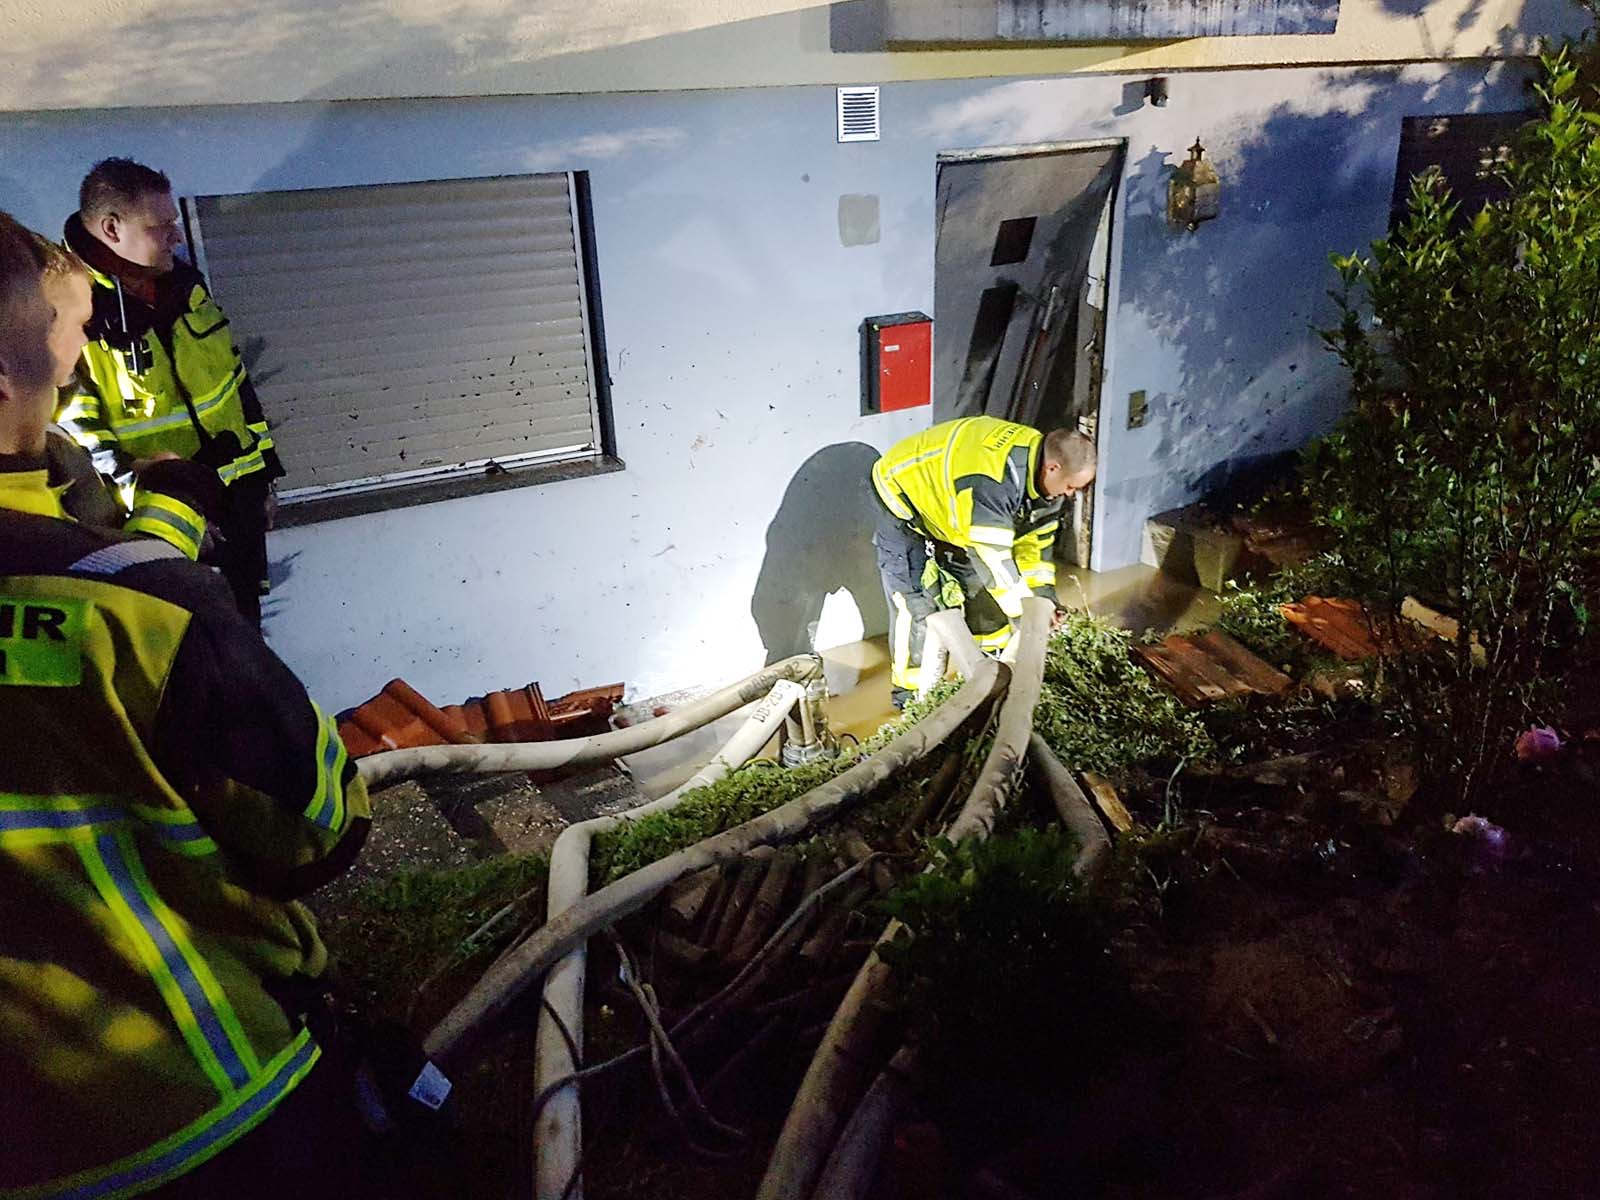 Feuerwehreinsatz bei einem vollgelaufenen Keller